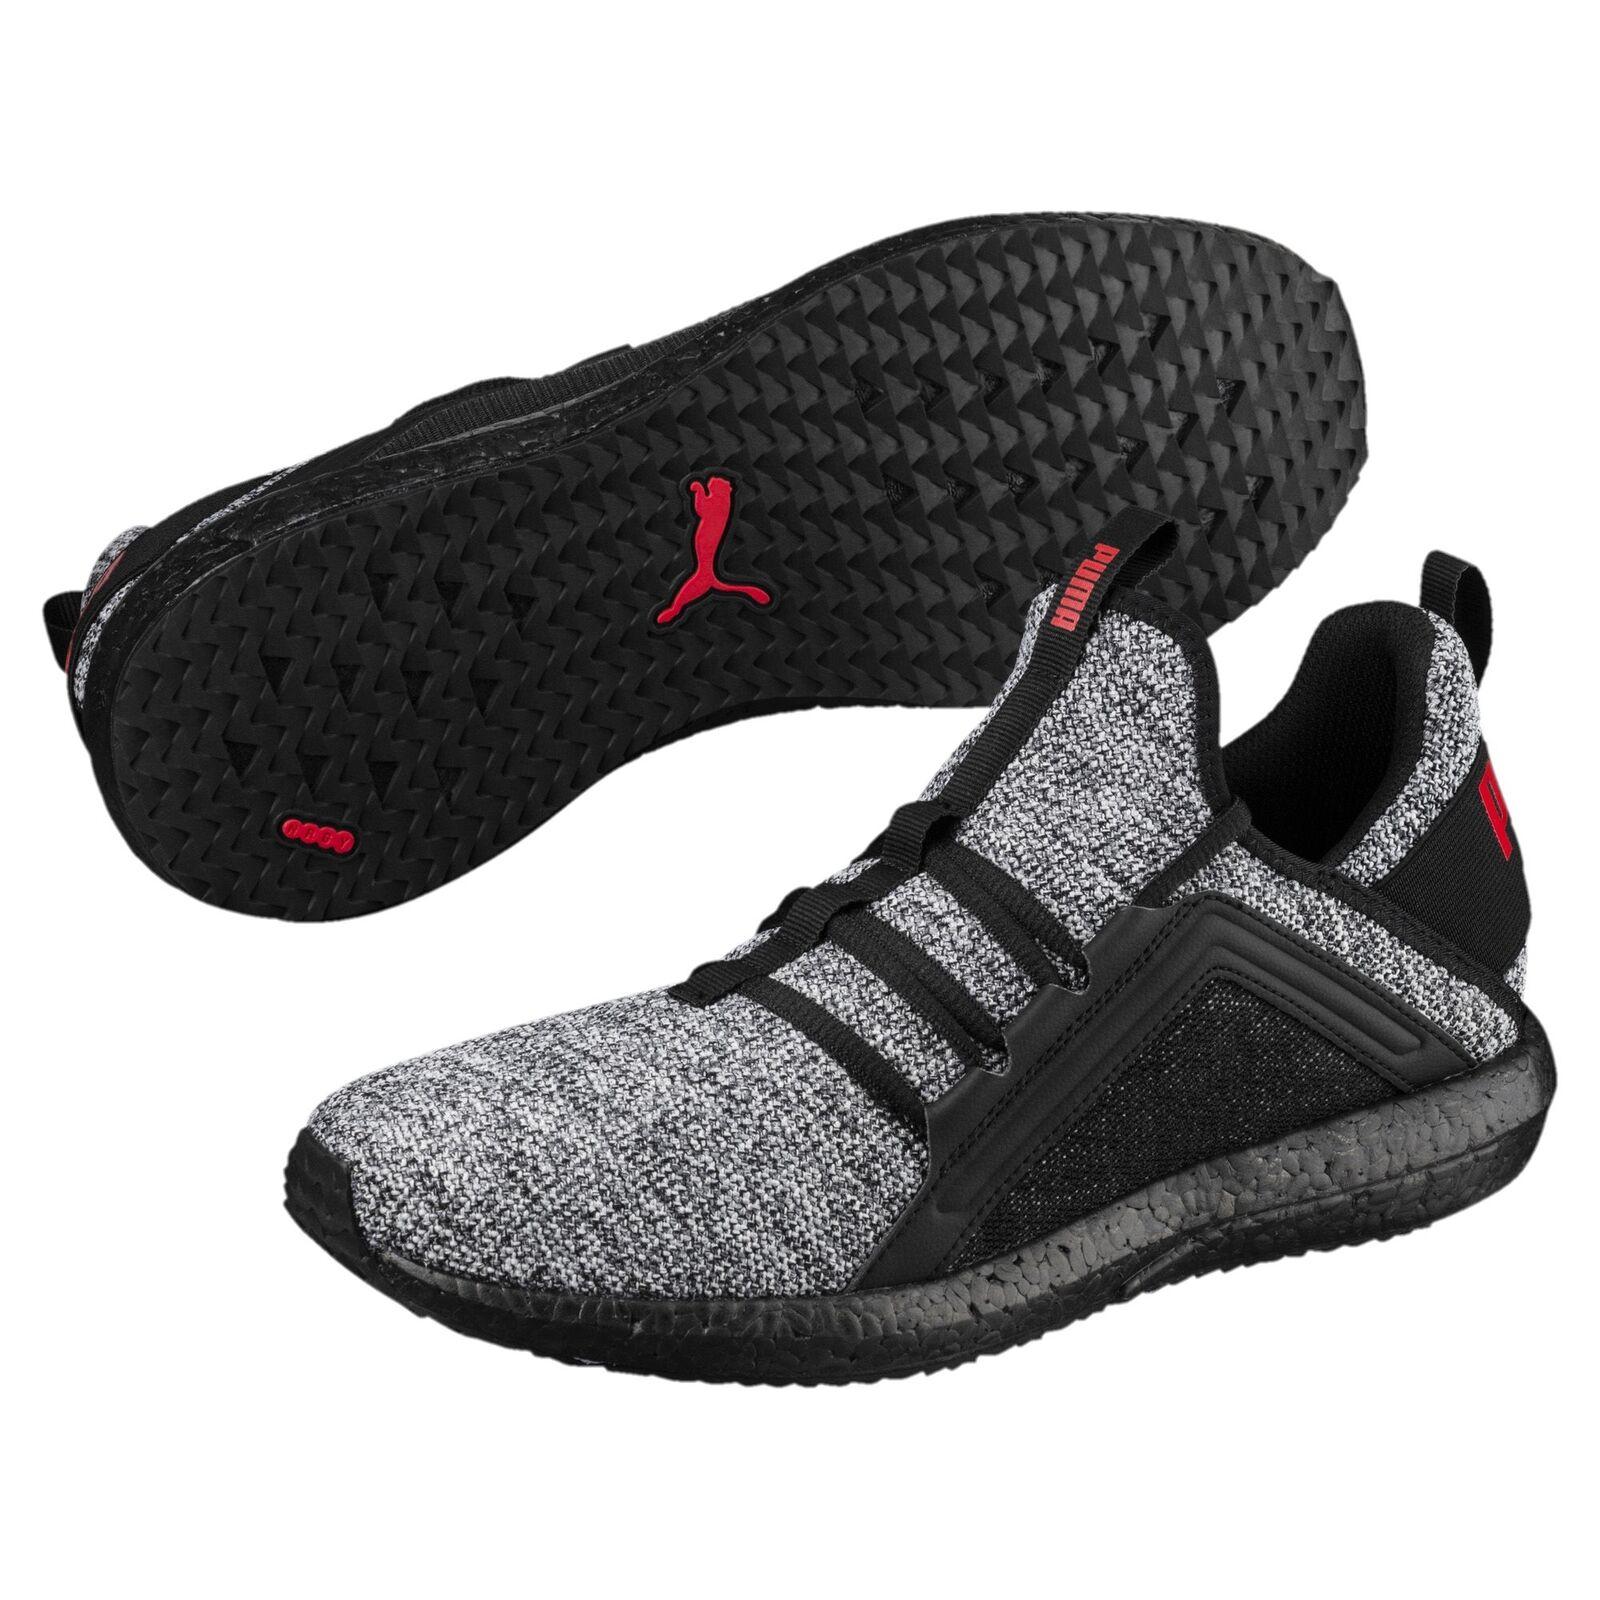 sports shoes 45e34 9c985 PUMA Mega NRGY Knit Men s Trainers Trainers Trainers Men shoes Running New  4b898b